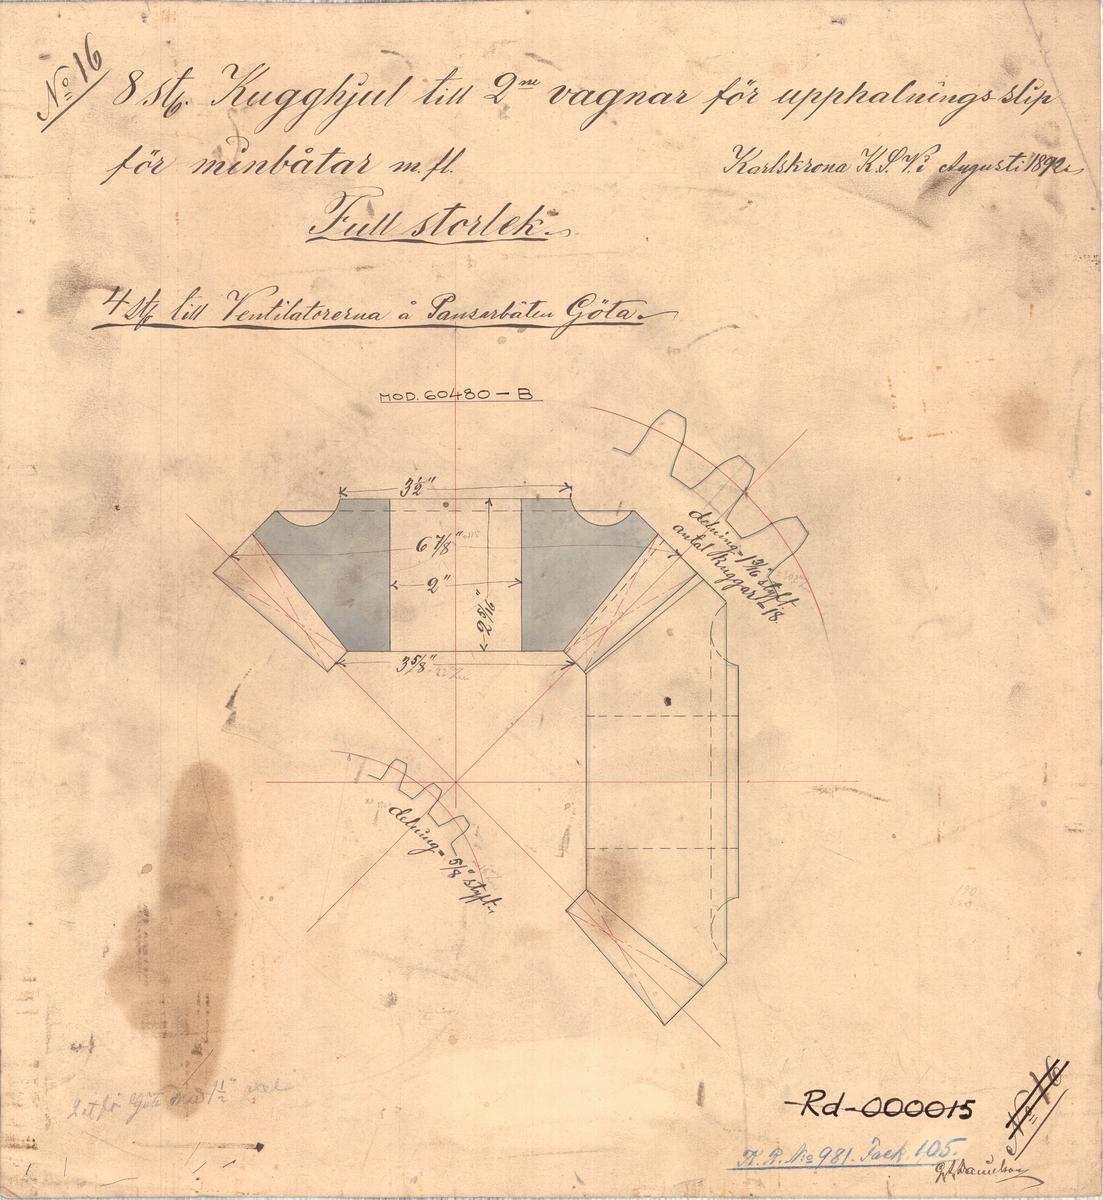 Detaljritning på 8 st kugghjul till 2:e vagnar för upphalningsslip för minbåtar m.fl. 4 st till ventilatorerna å pansarbåten Göta.